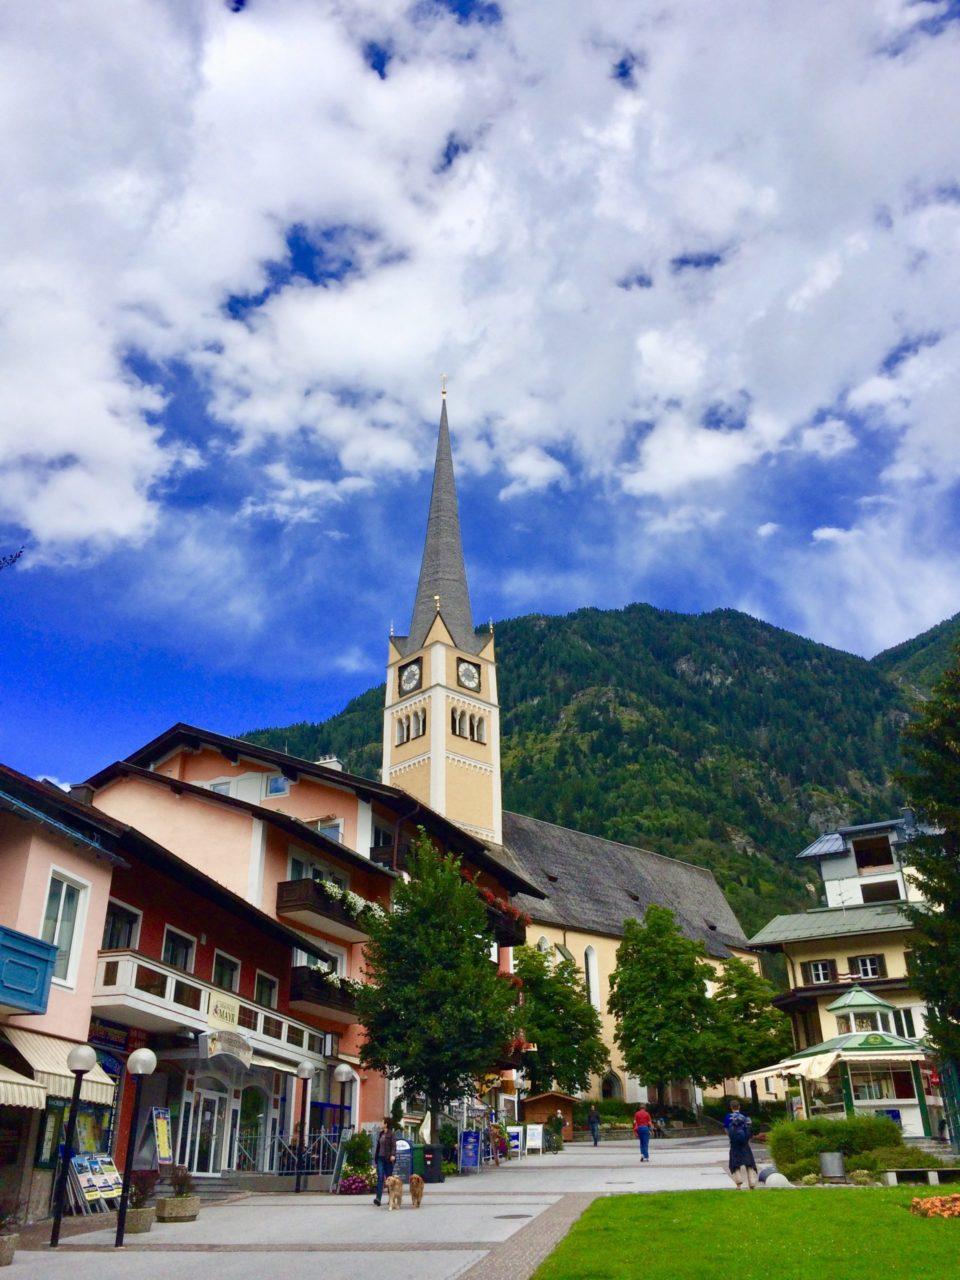 Badhofgastein